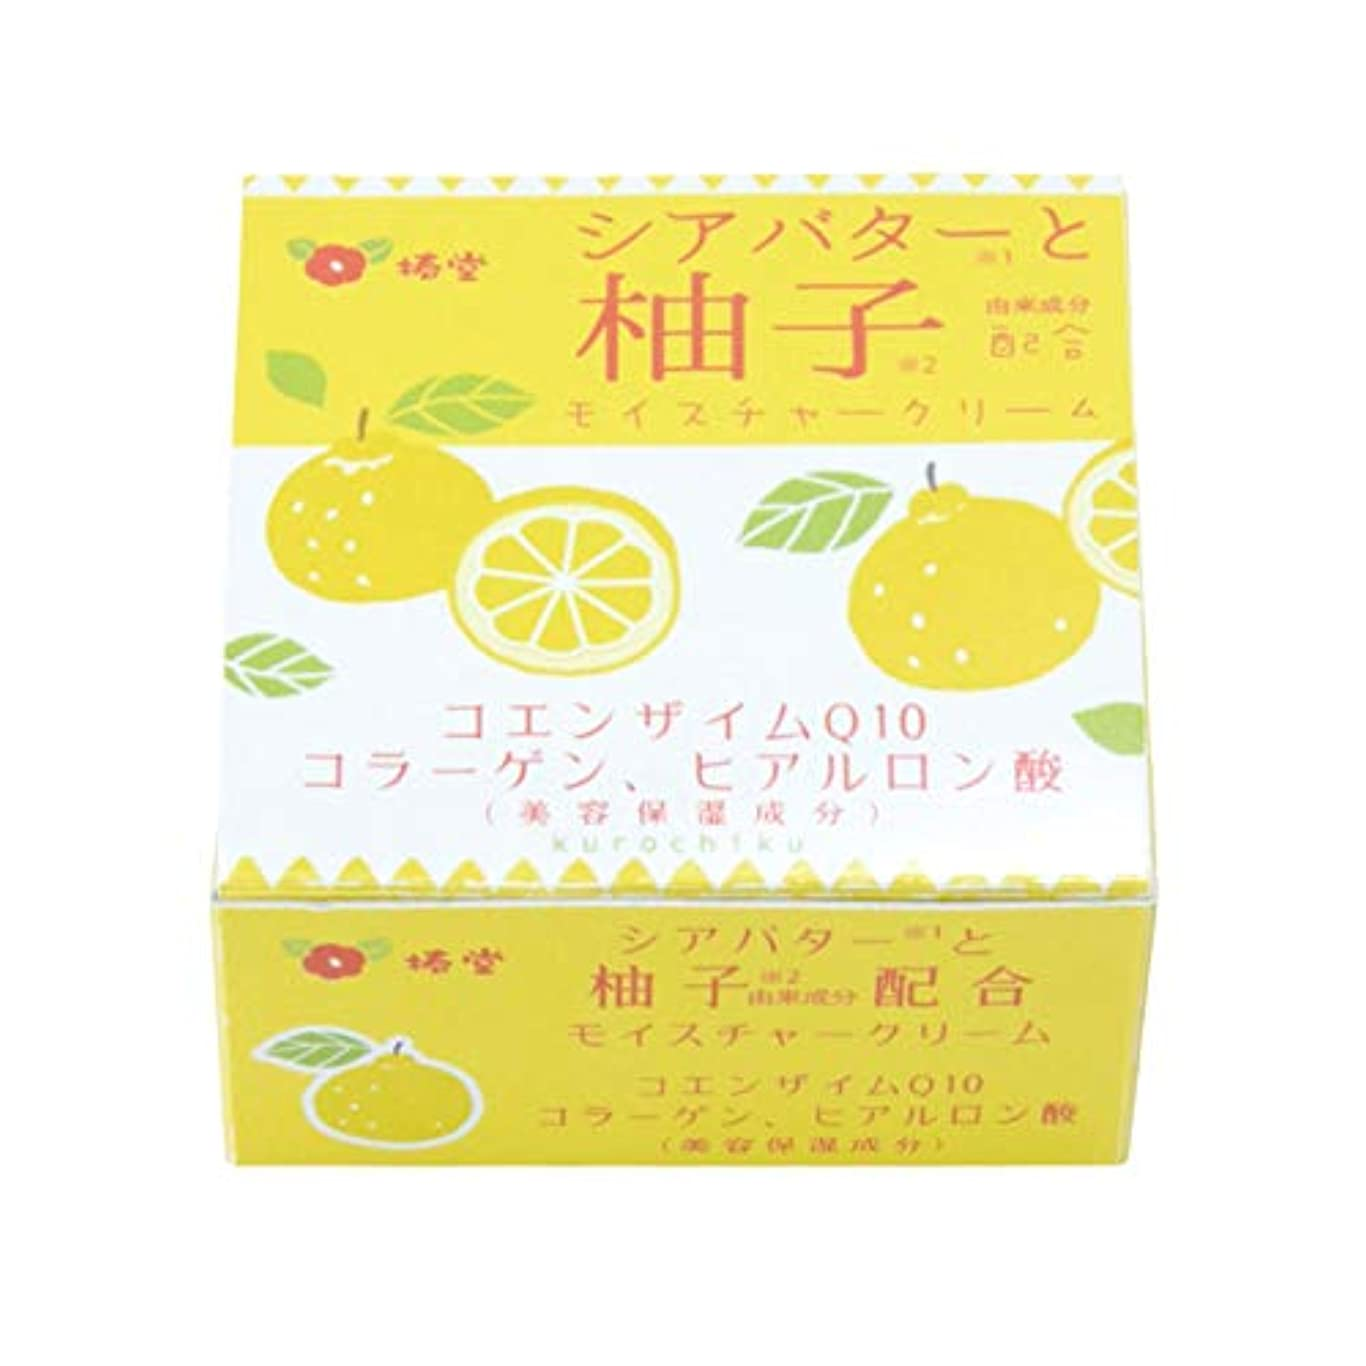 正義熱接辞椿堂 柚子モイスチャークリーム (シアバターと柚子) 京都くろちく